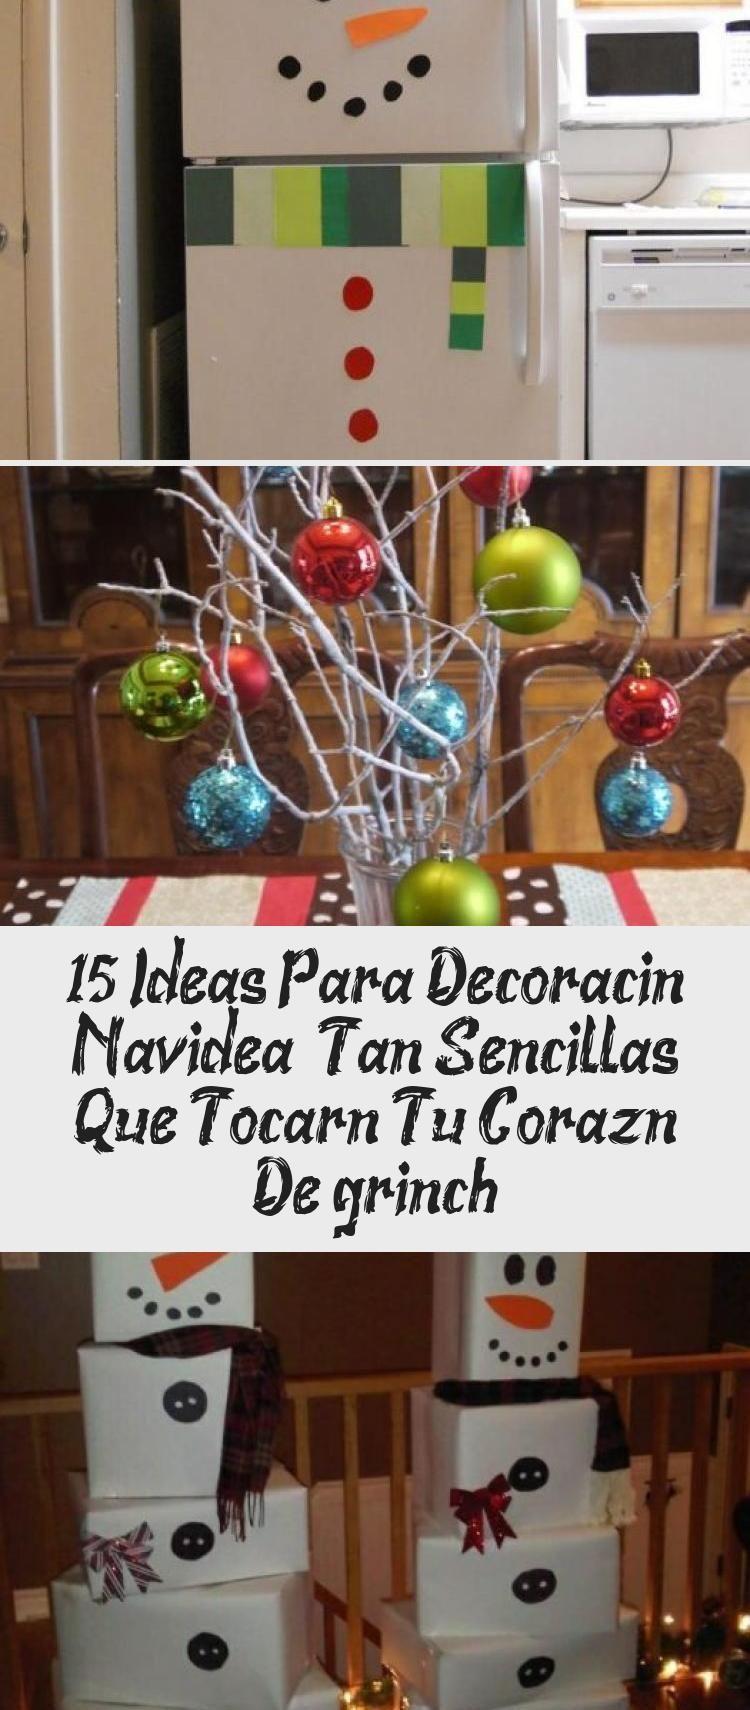 Navidad es la época ideal para demostrar tu creatividad, decorando tu hogar con manualidades fáciles hechas con materiales reciclados. Para lograr hacerlas no se requiere de grandes cantidades de dinero, solo de disposición y un poco de tiempo.  Siguiendo estas ideas puedes crear adornos bonitos, sencillos y prácticos para colocarlos en las puertas, el árbol o en la mesa #HomeDecorDIYVideosApartment #HomeDecorDIYVideosLivingRoom #HomeDecorDIYVideosIdeas #HomeDecorDIYVideosCheap #HomeDecorDIYVide